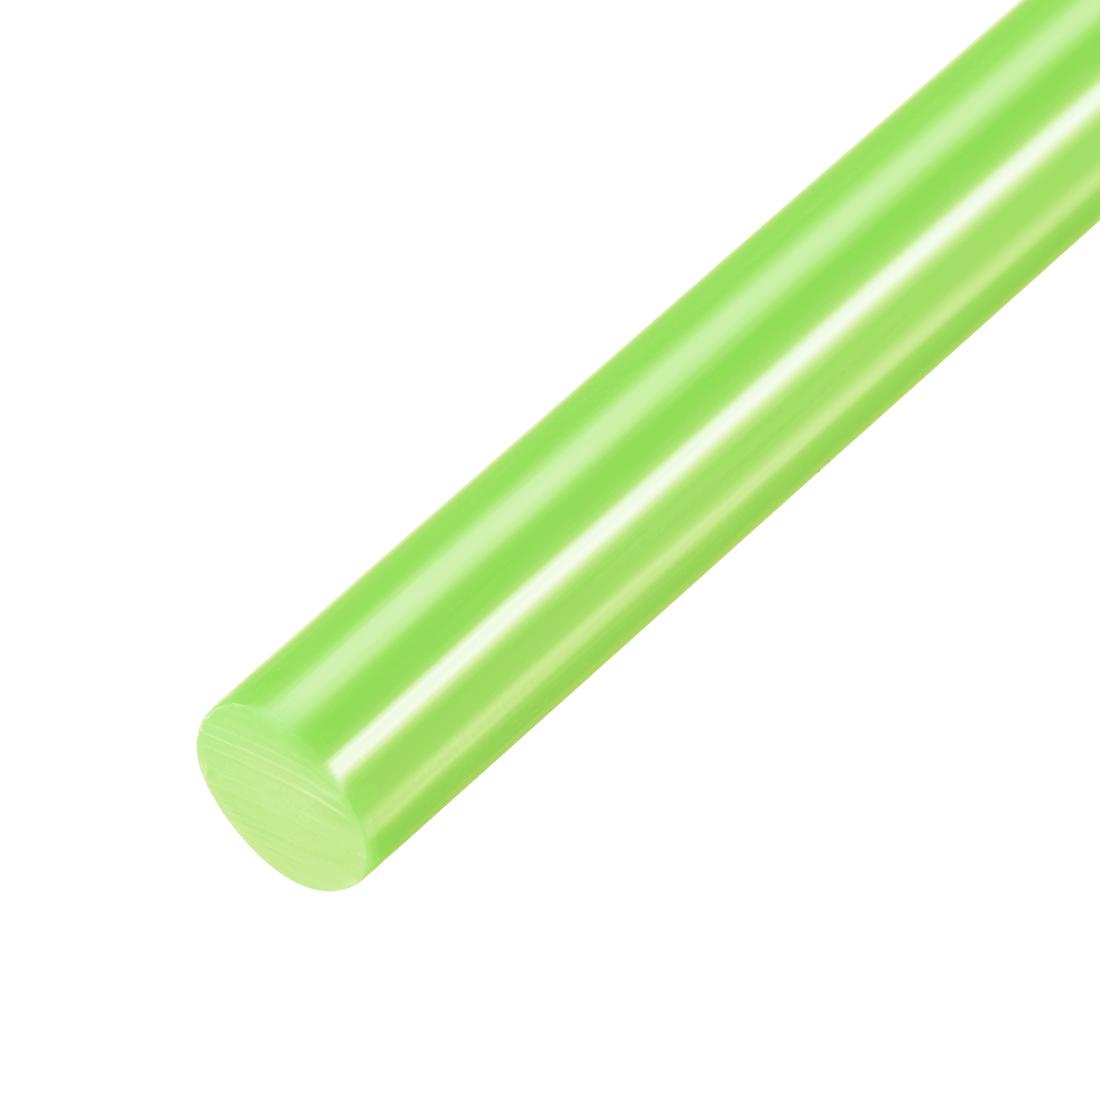 Hot Melt Glue Gun Sticks, 250mm x 11mm,Use with Most Glue Guns,Light Green,20pcs